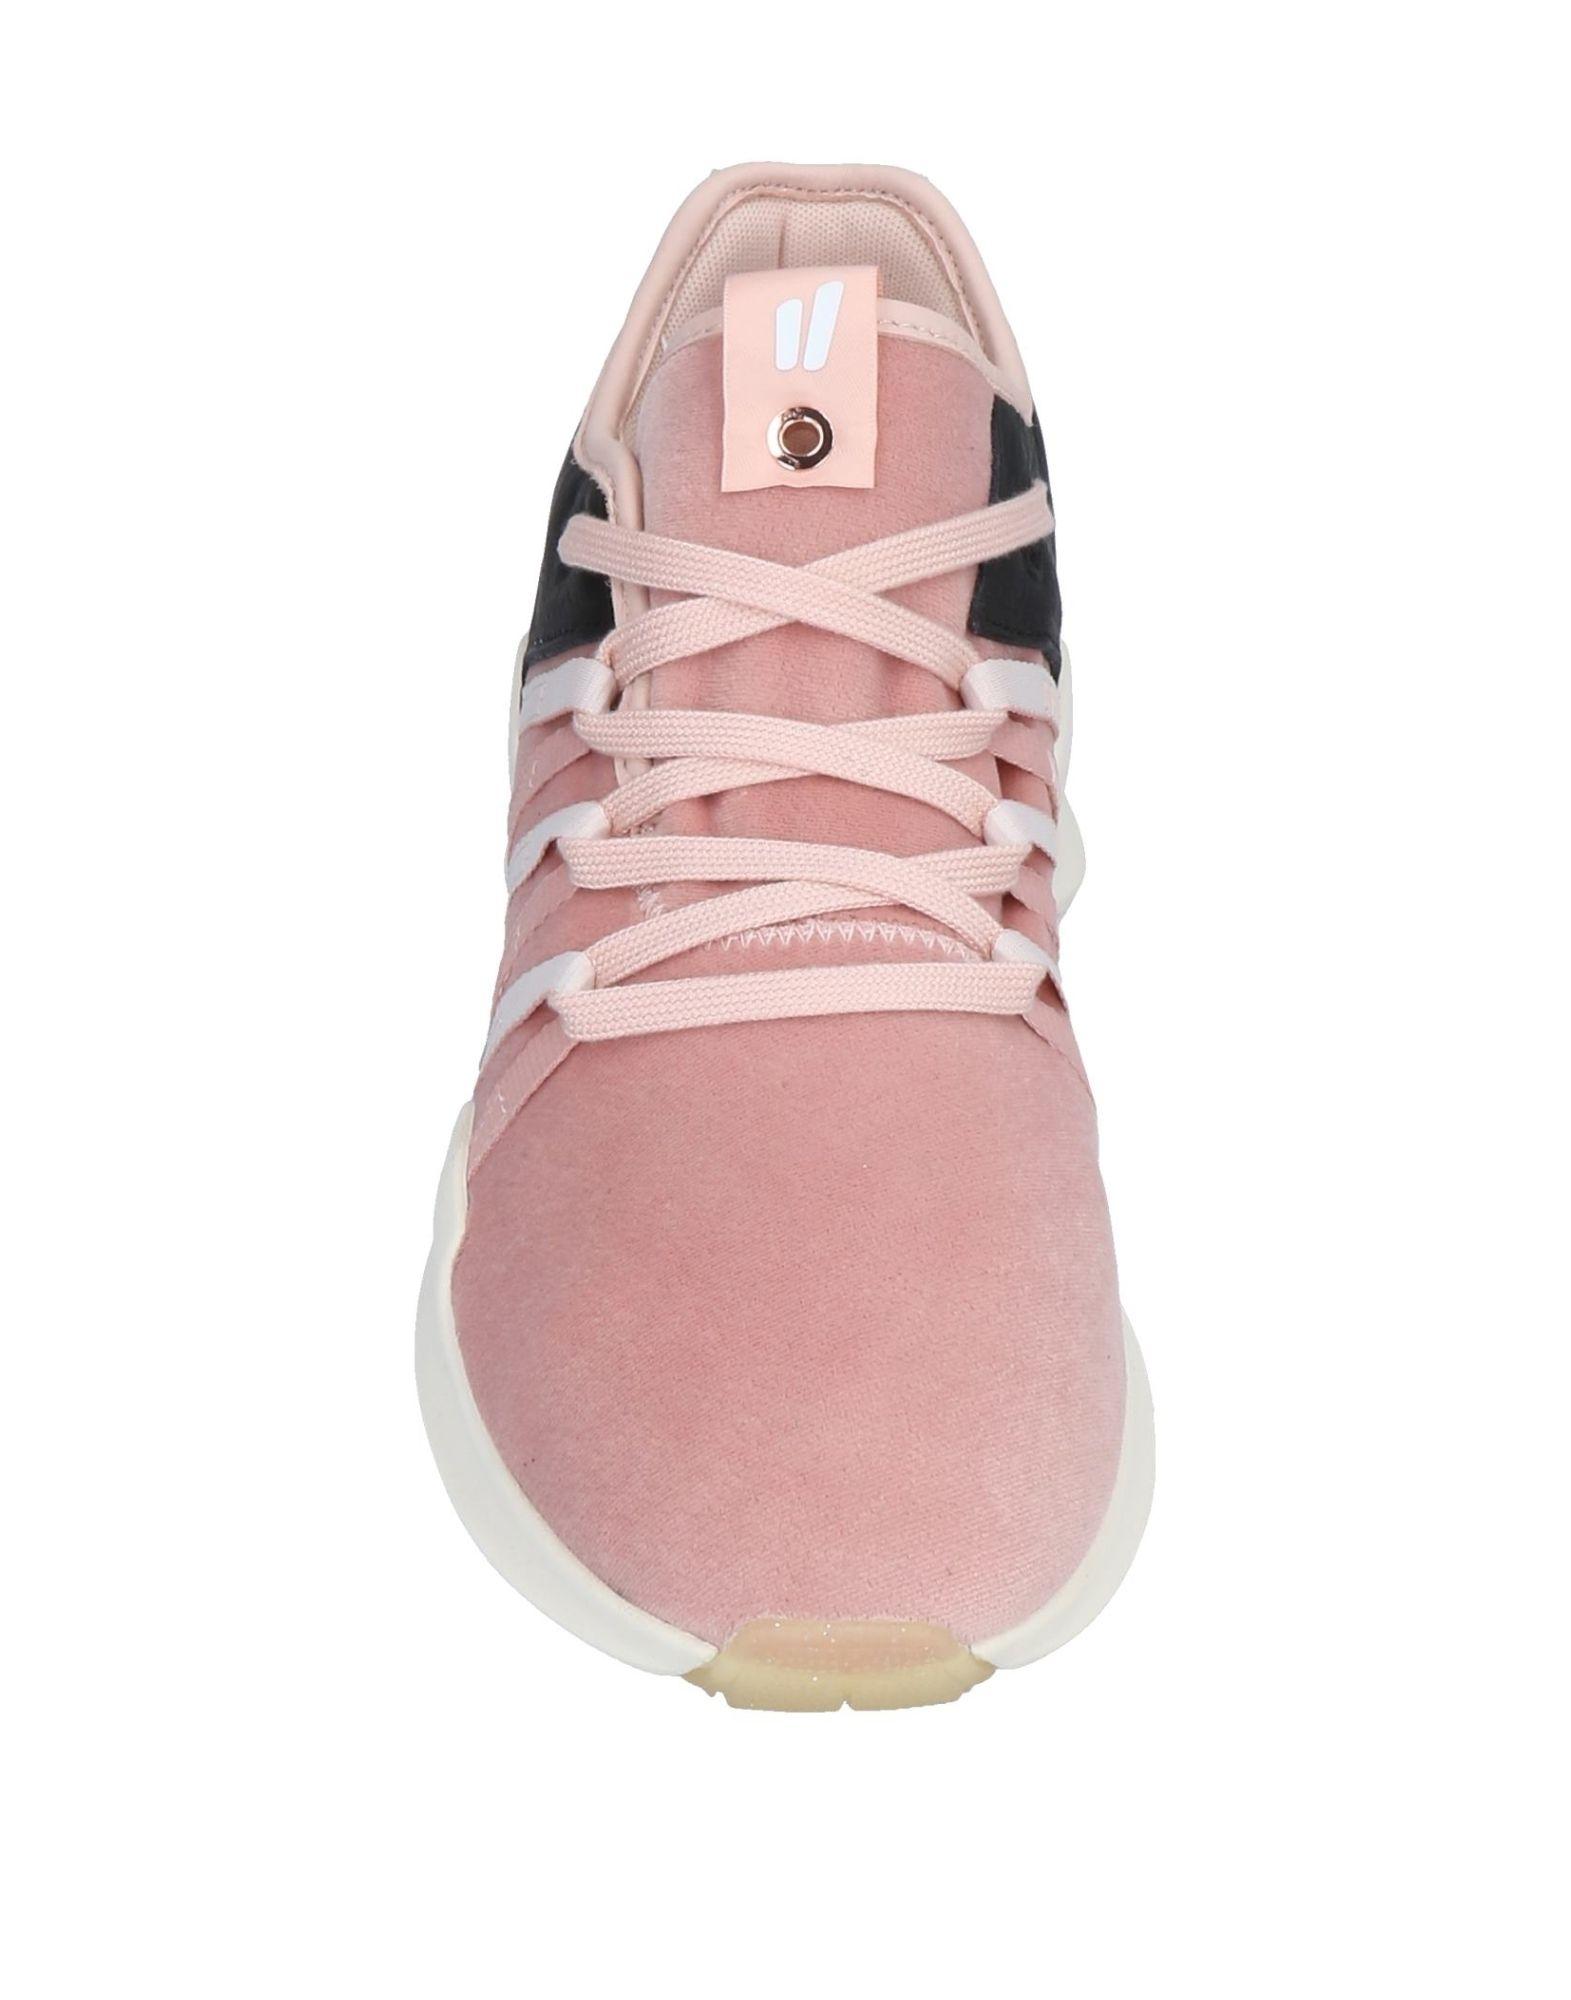 Rabatt echte Schuhe Adidas Sneakers  Herren  Sneakers 11494677HX 307121